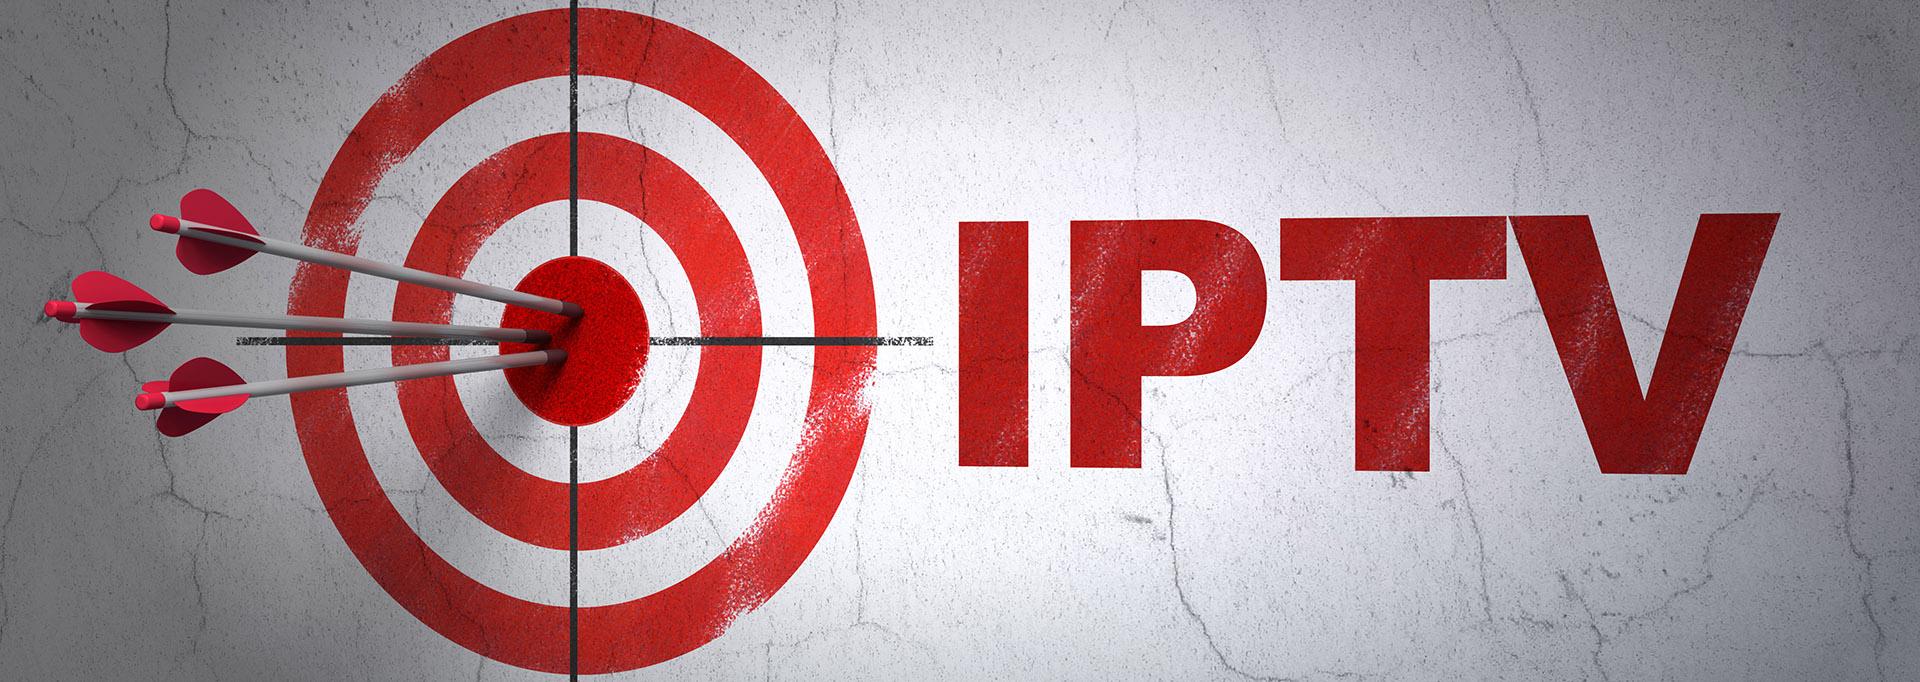 IPTV-boxen door de EU in het vizier genomen om piraterij||van sportevenementen te bestrijden